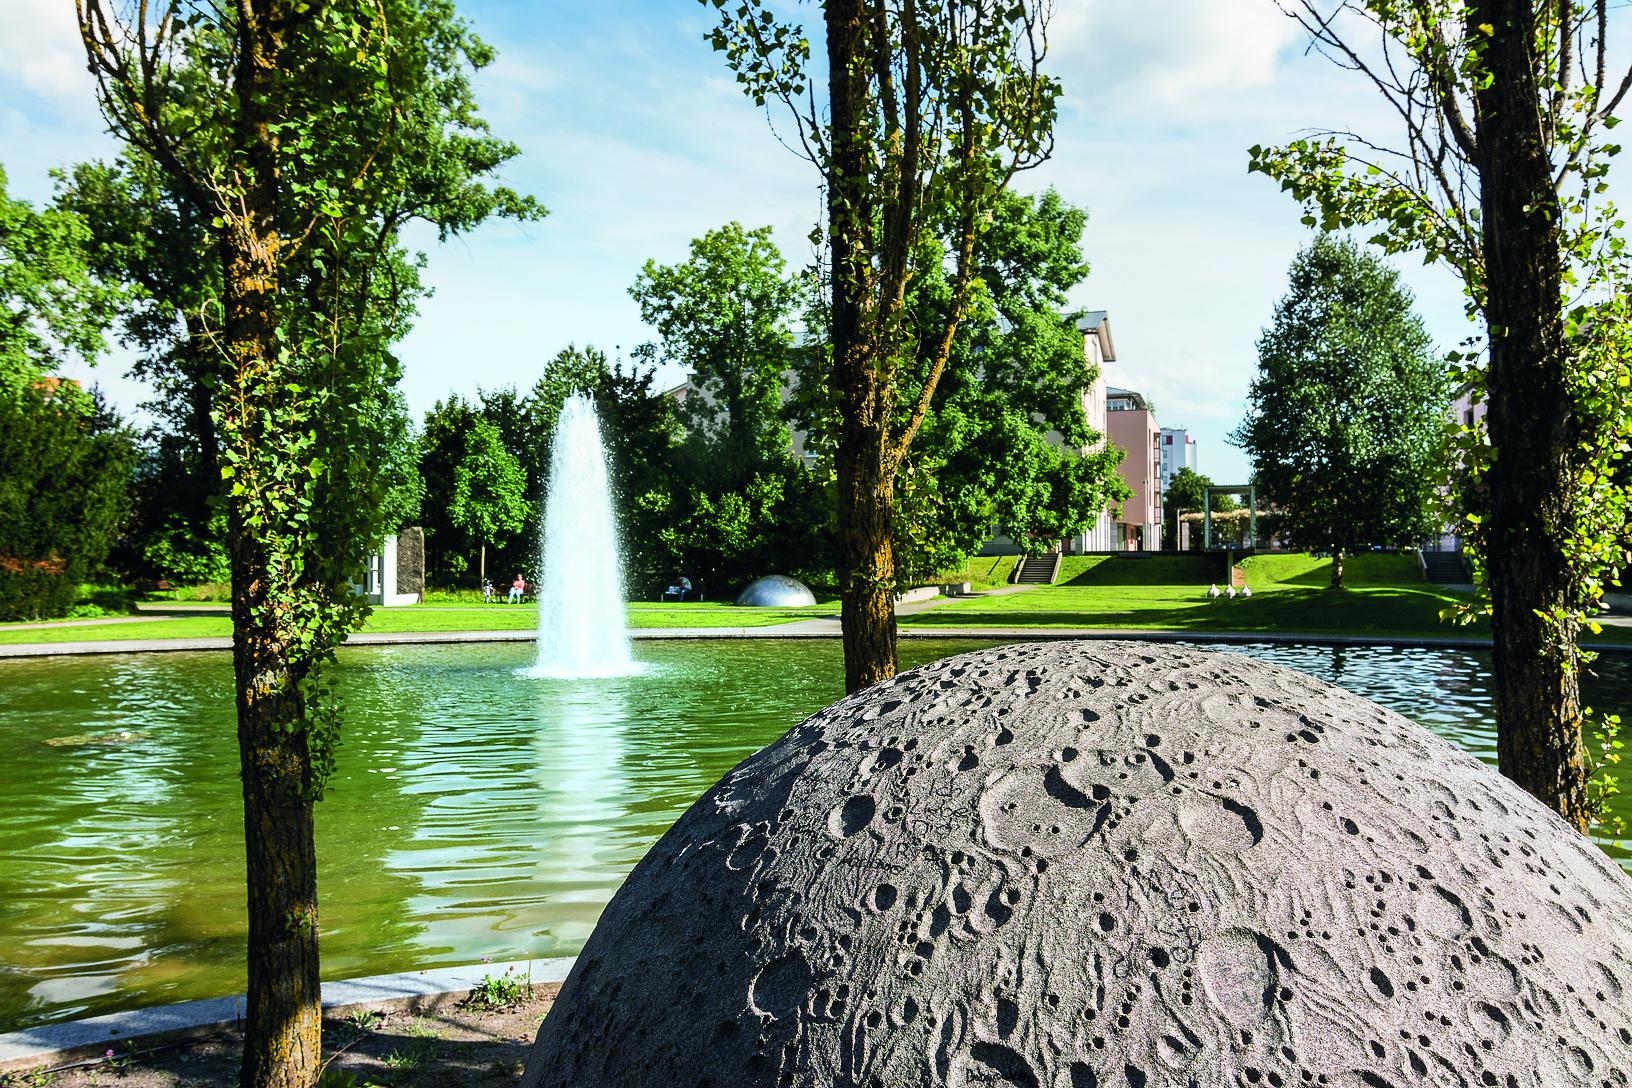 Wieland-Park in Biberach an der Riß